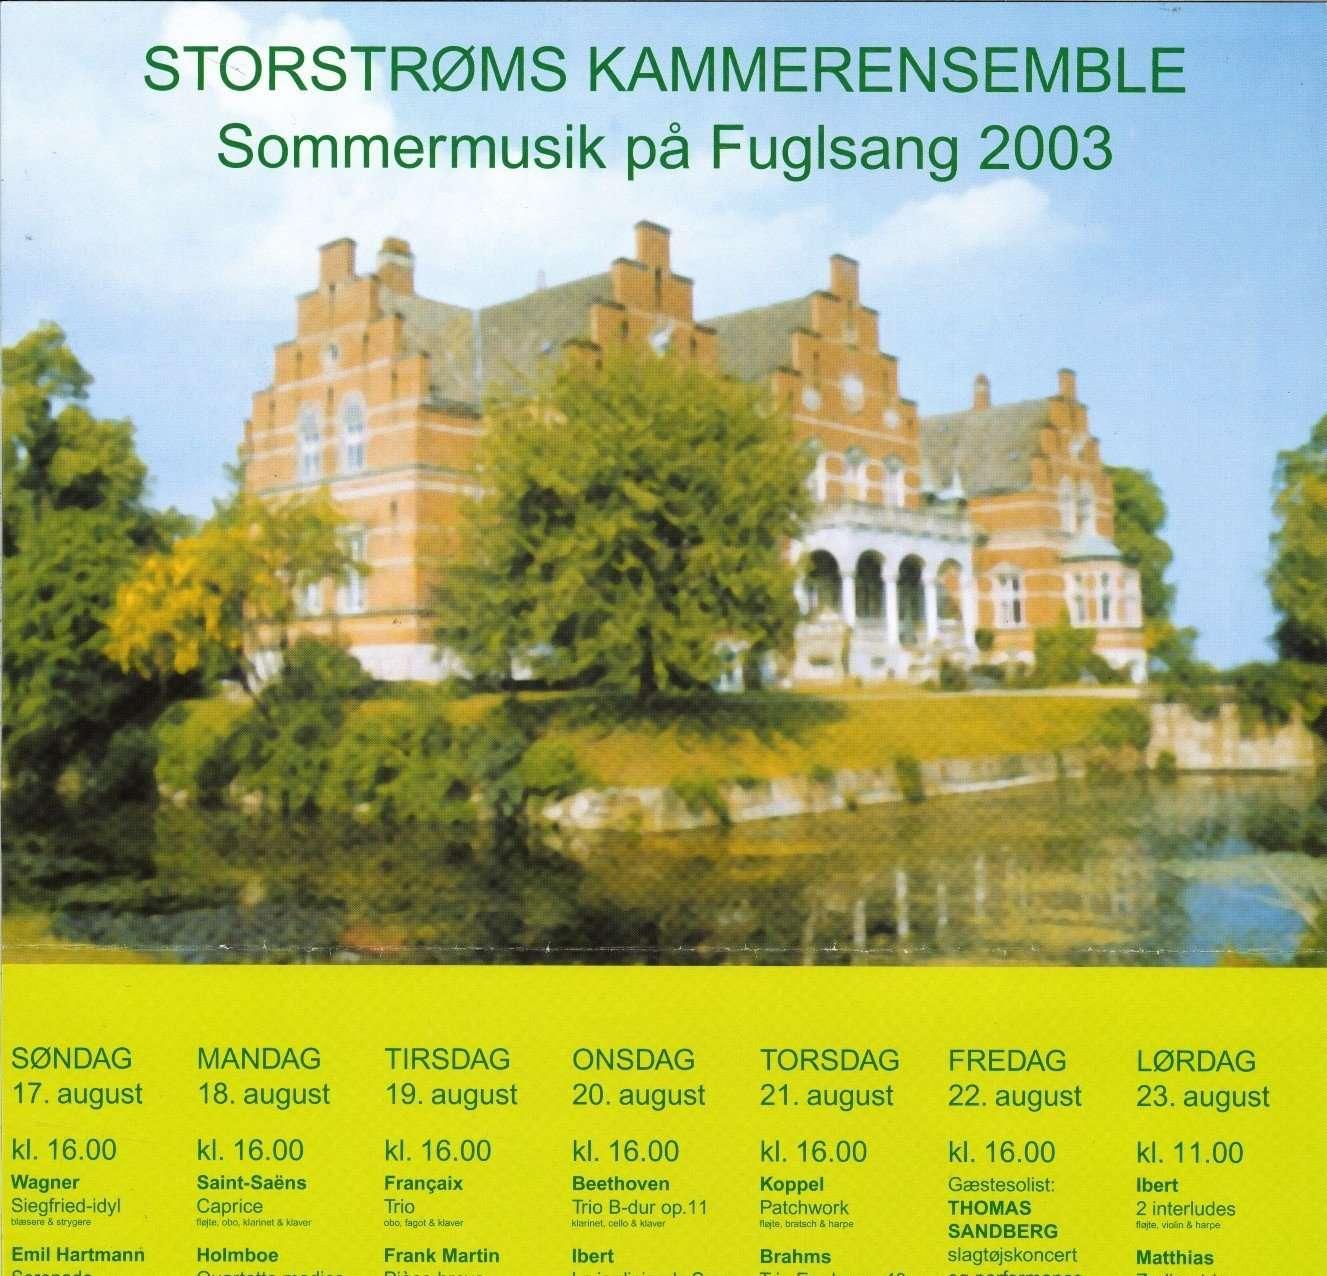 2002-Foerste-festival-plakat-fra-2003-beskaaret.jpg